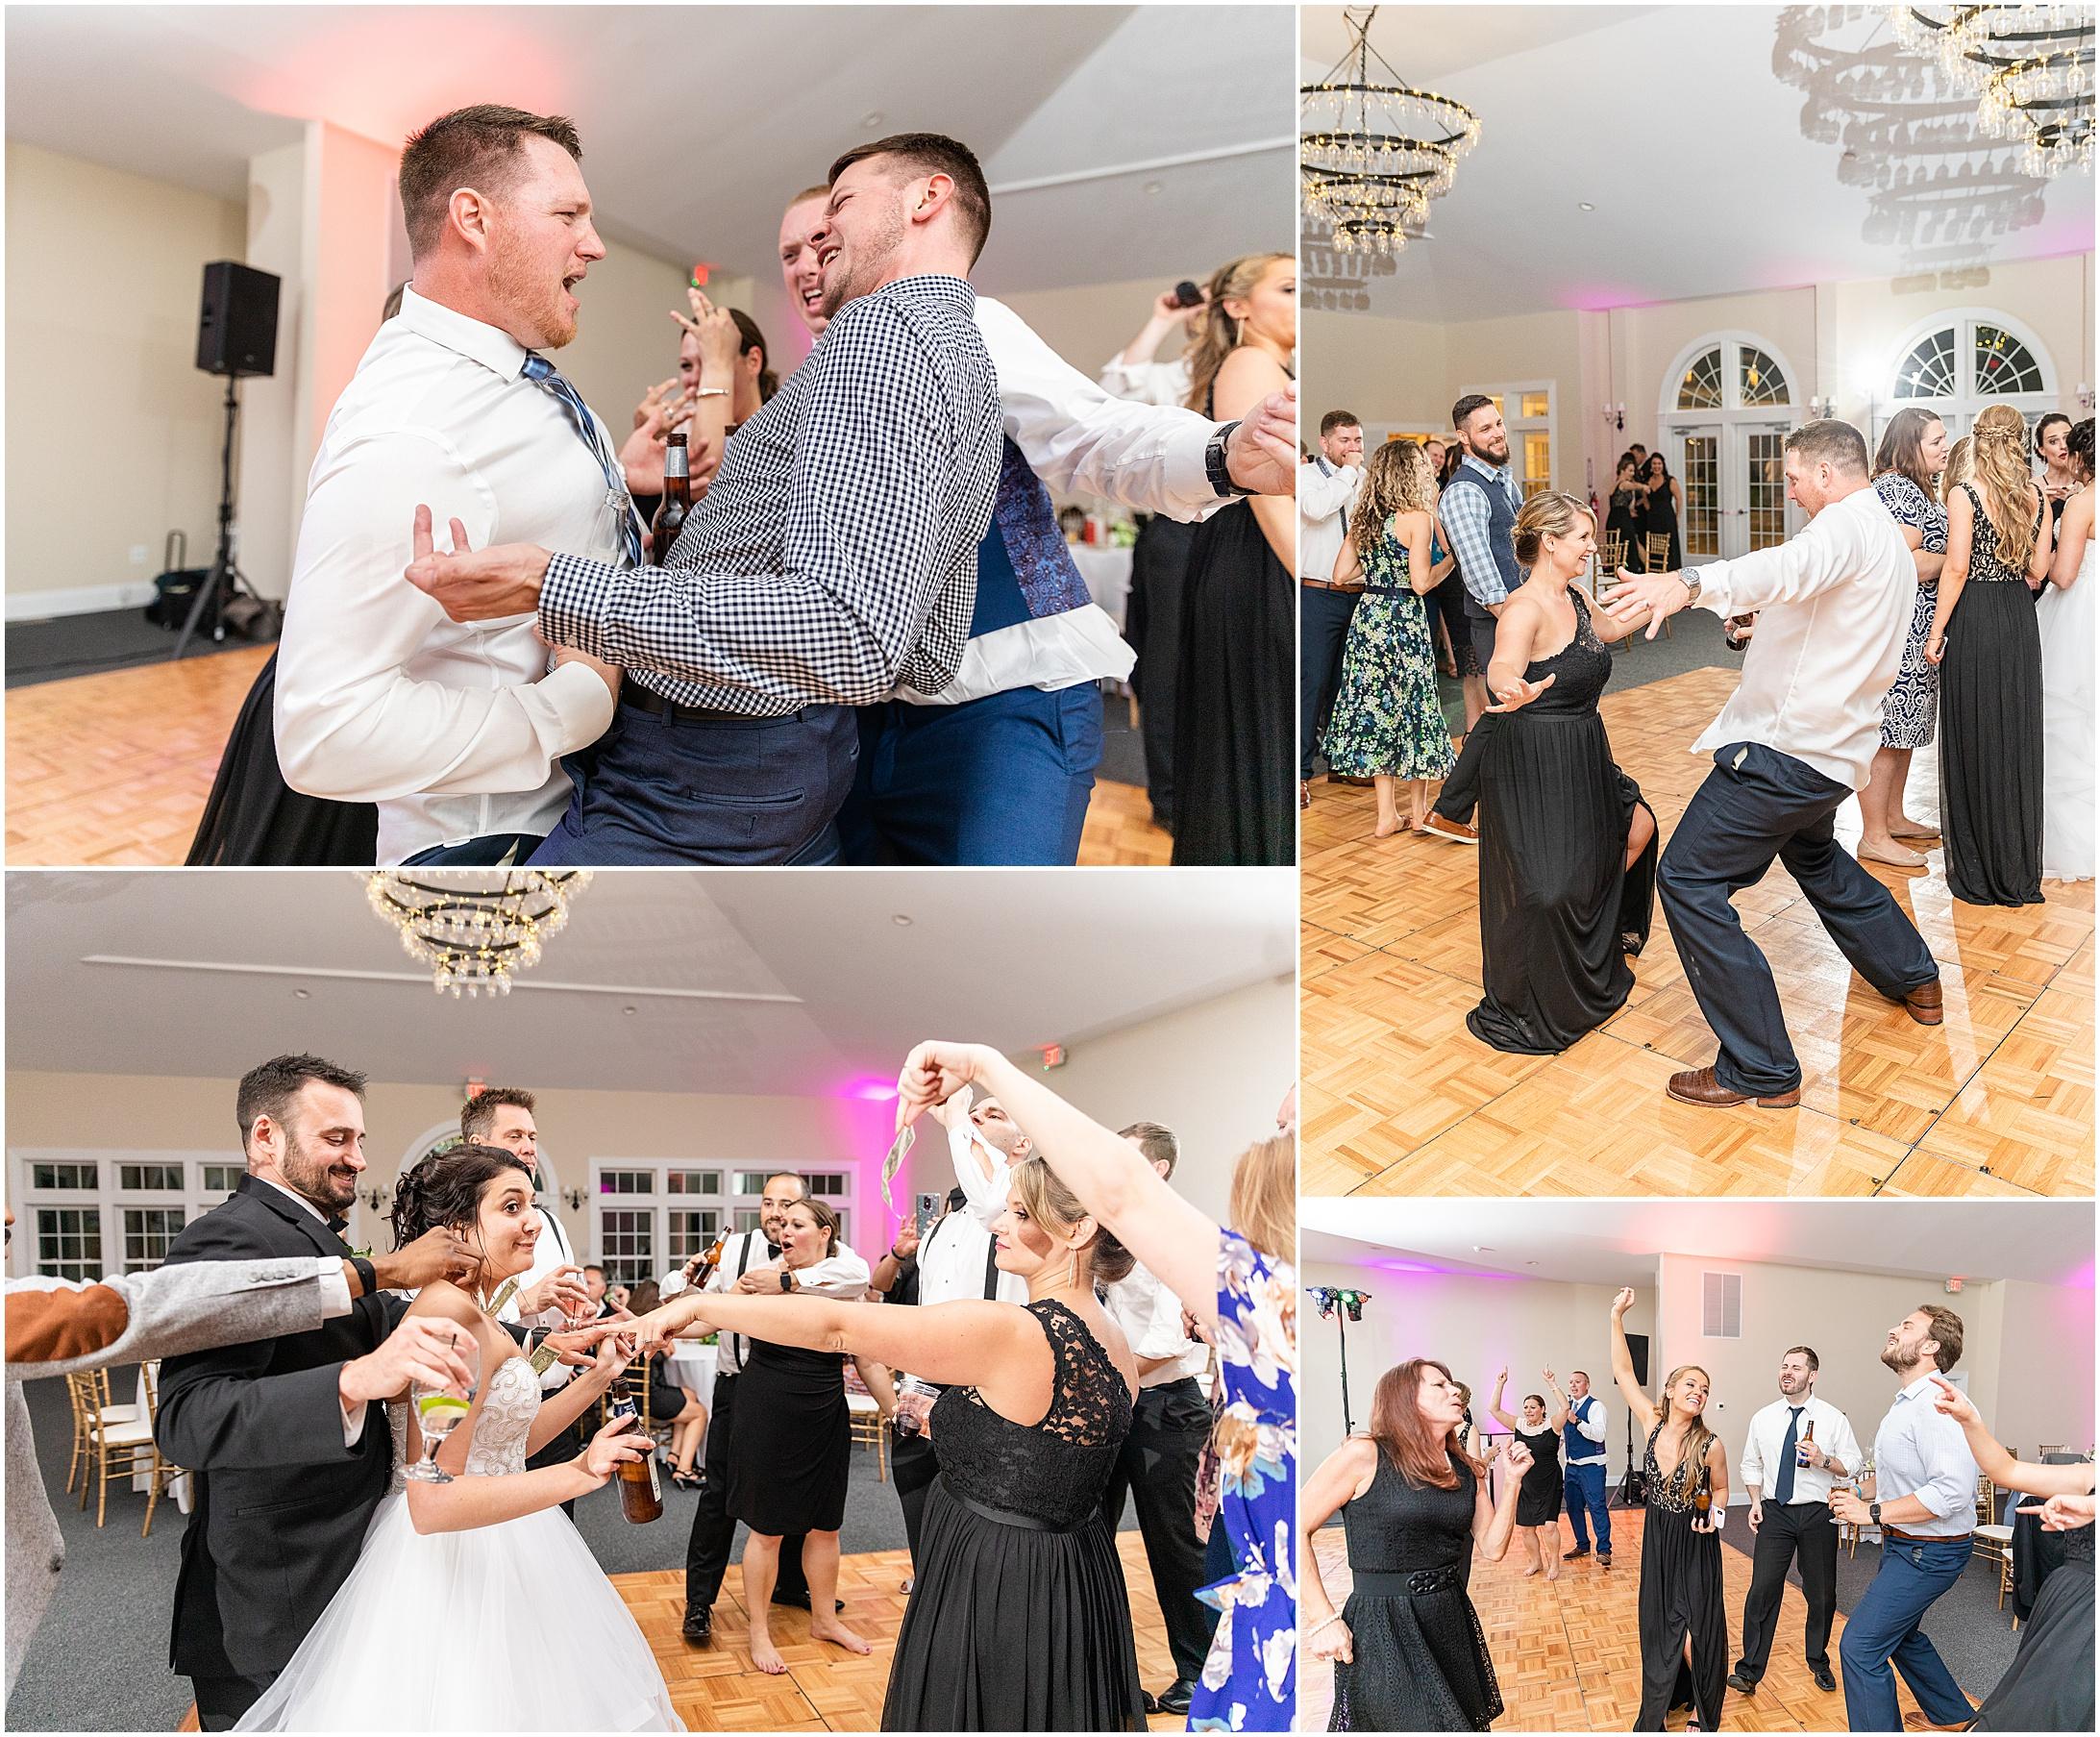 Stone-manor-country-club-wedding-photos-173.jpg